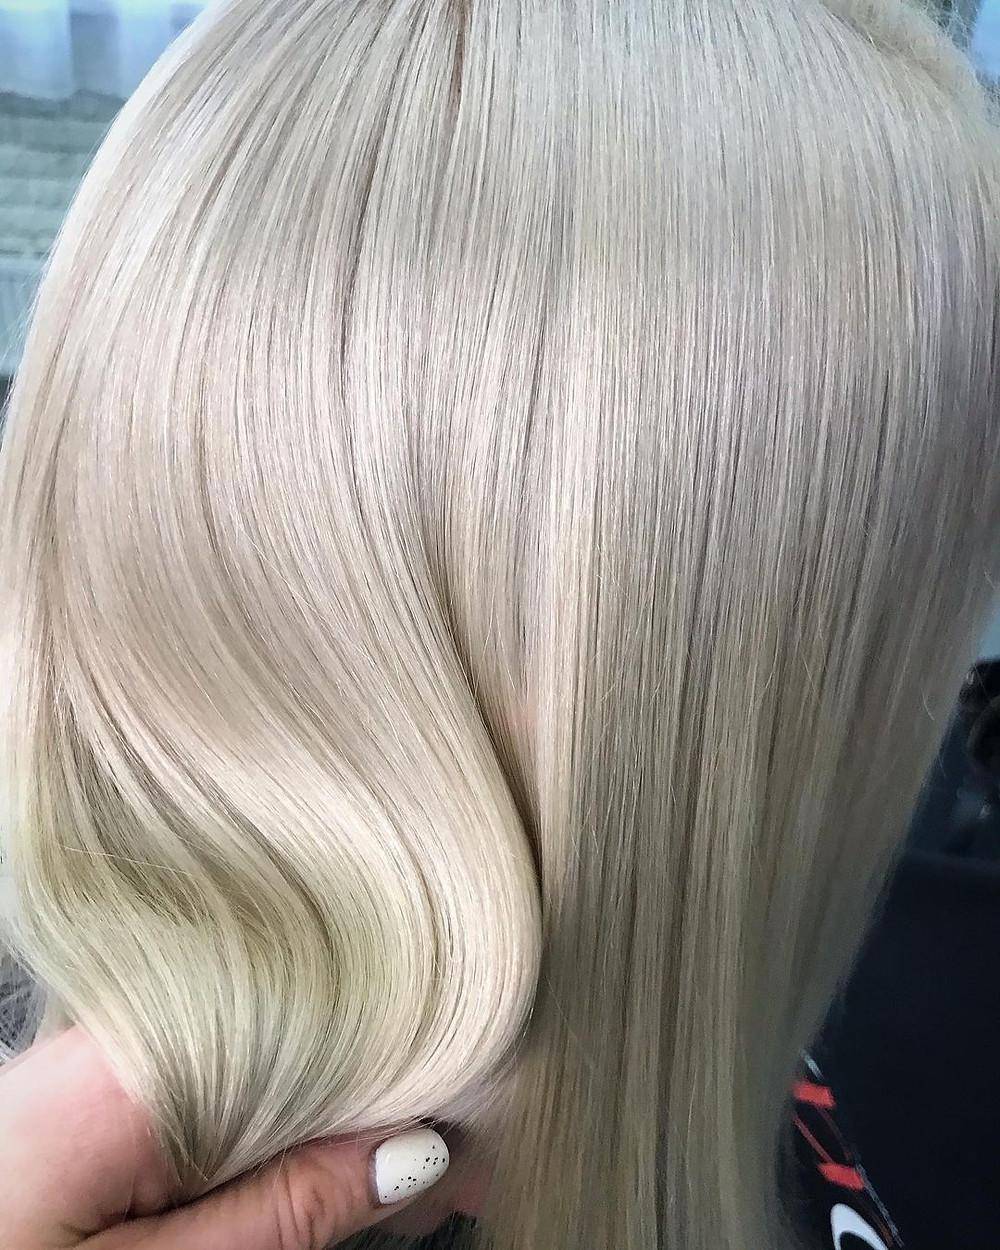 Окрашивание волос / Мастерская красоты SOVA в Митино